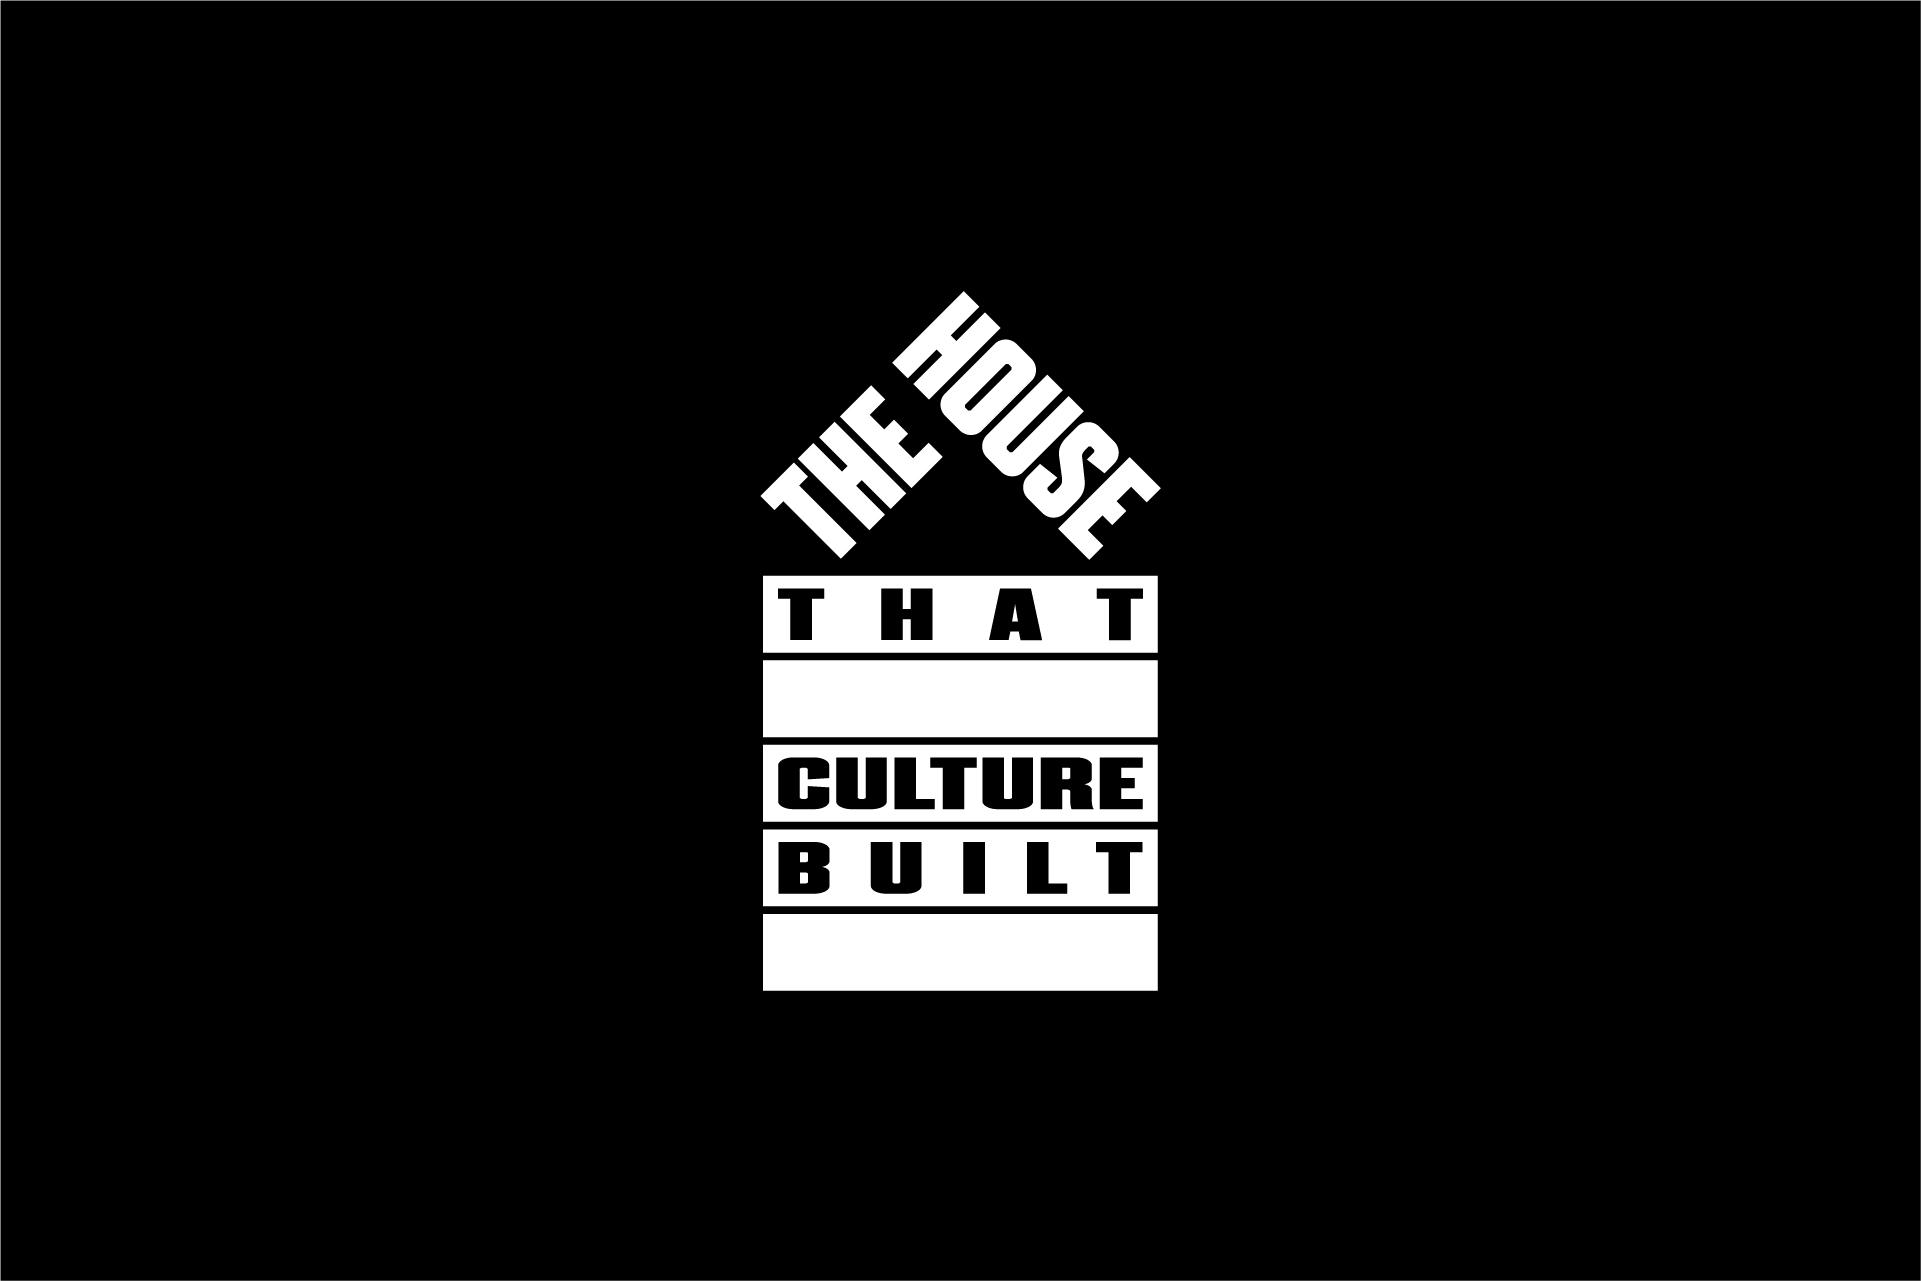 Viacom_culture-3